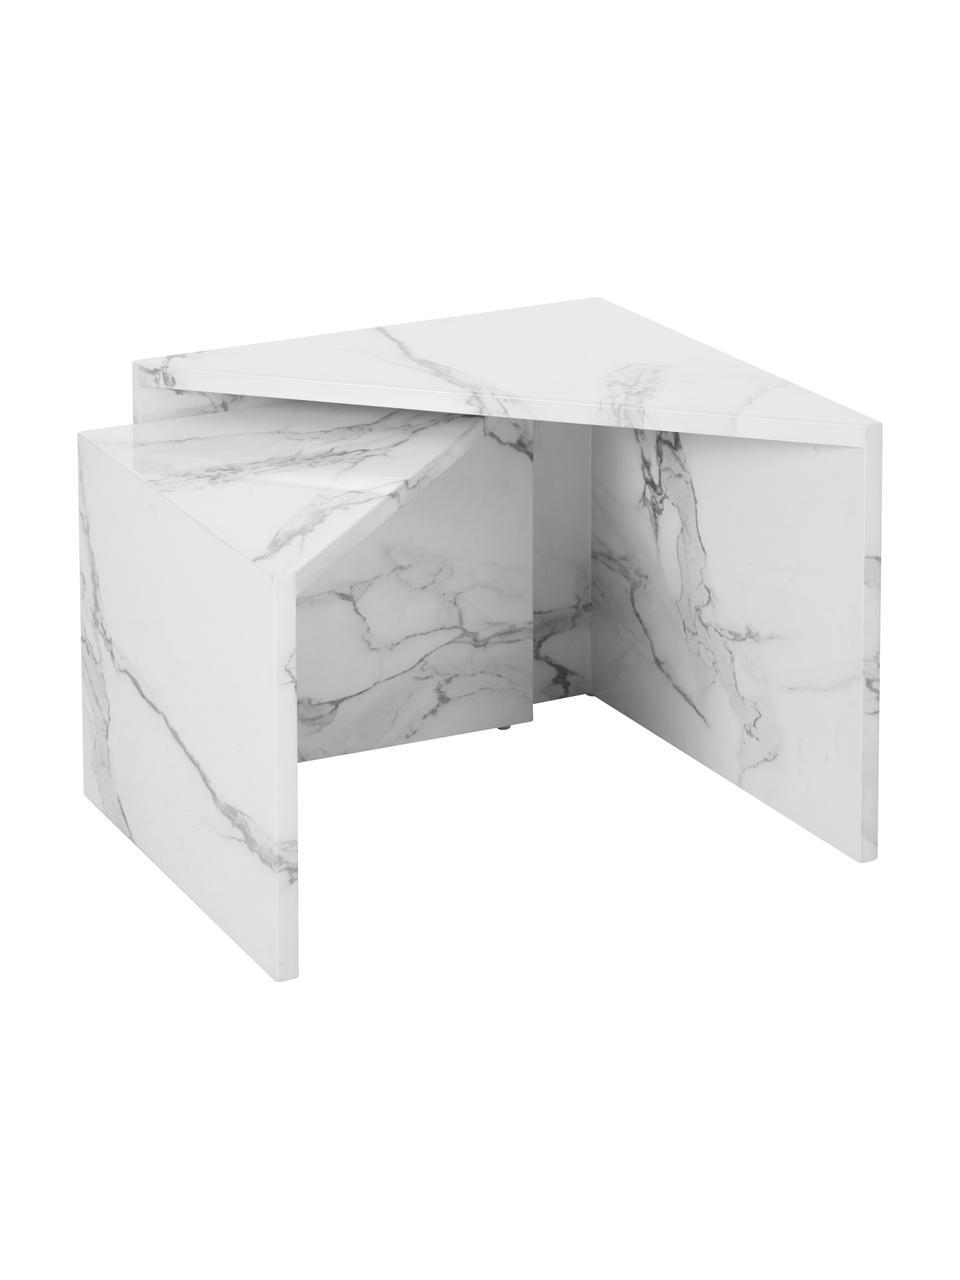 Súprava konferenčných stolíkov s mramorovým vzhľadom Vilma, 2diely, Biela, mramorovaná, lesklá